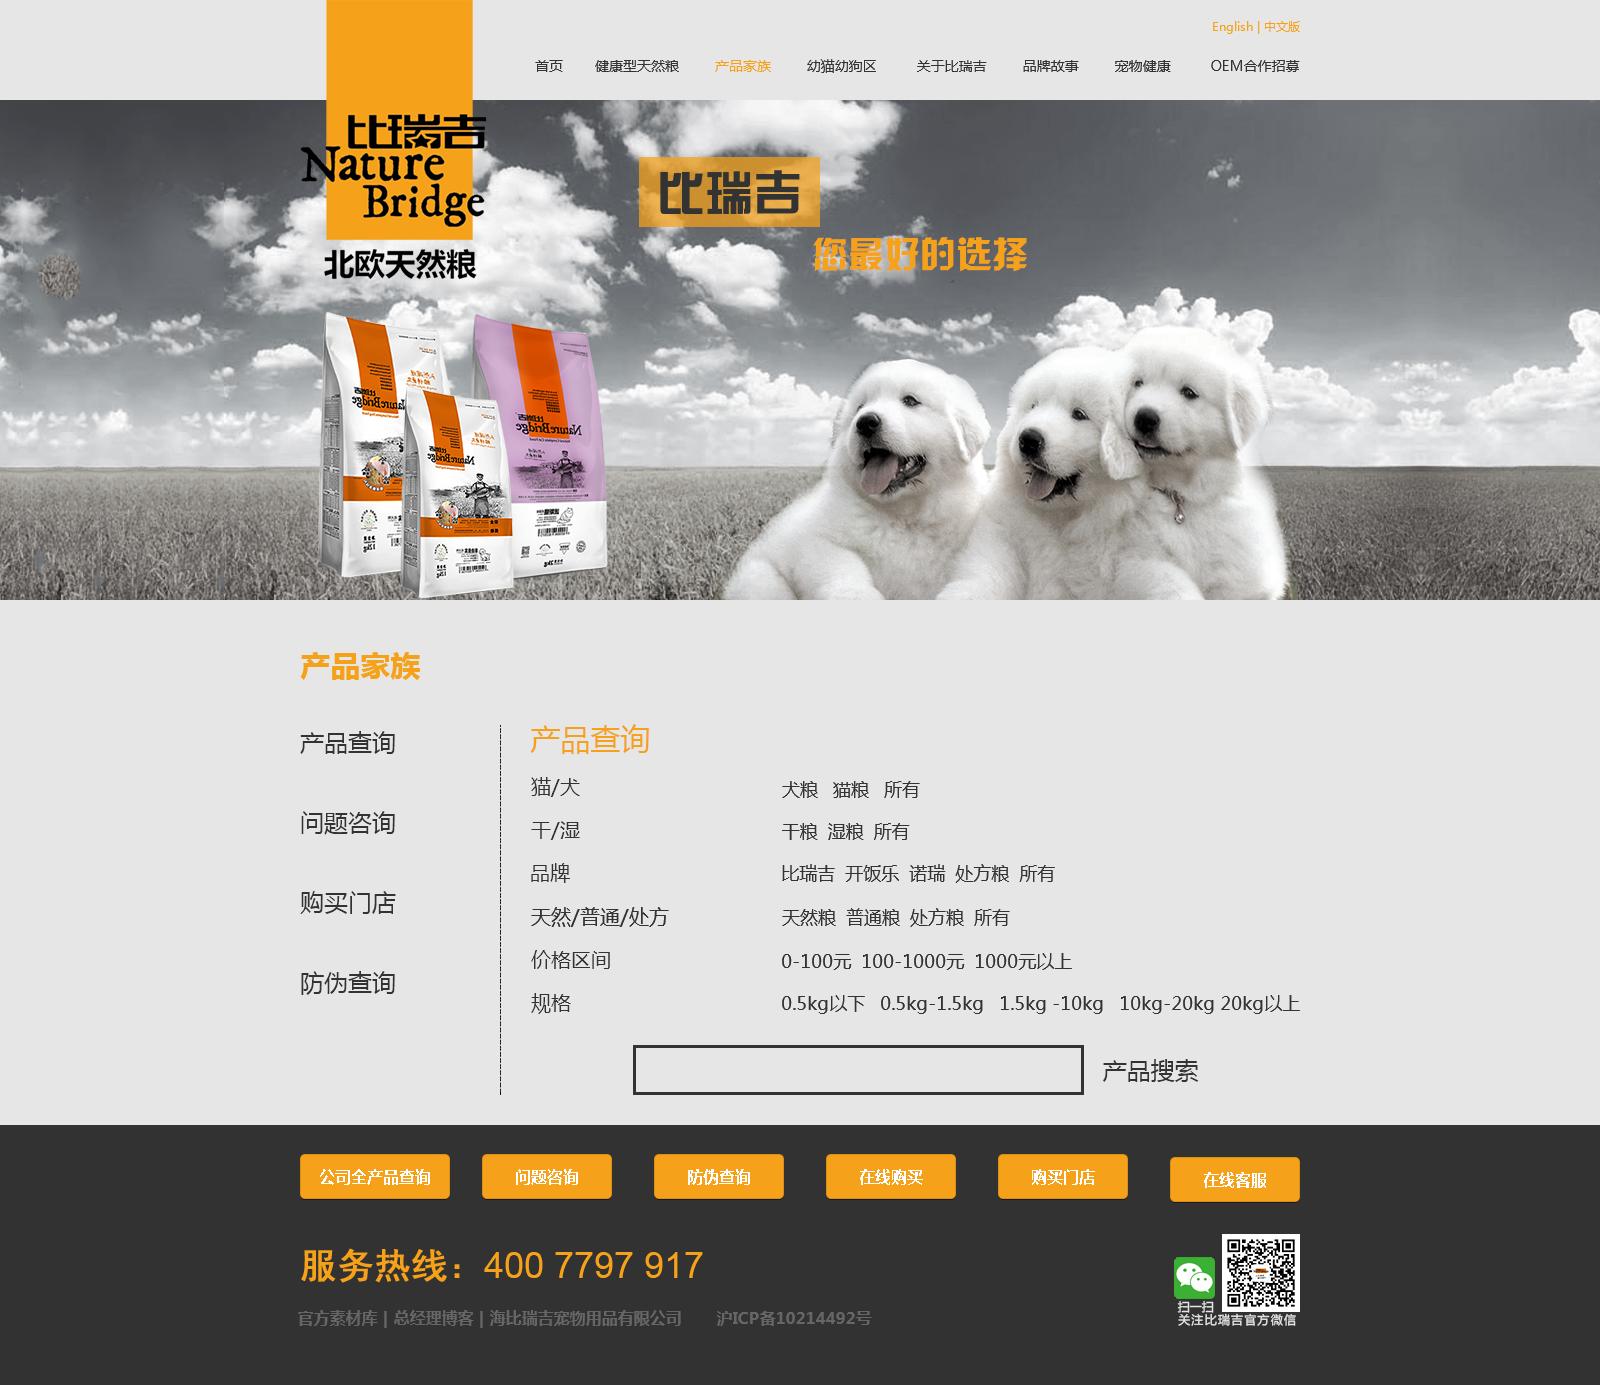 宠物网站模板设计产品列表页psd源文件,图片尺寸:1024×836,来自网页图片